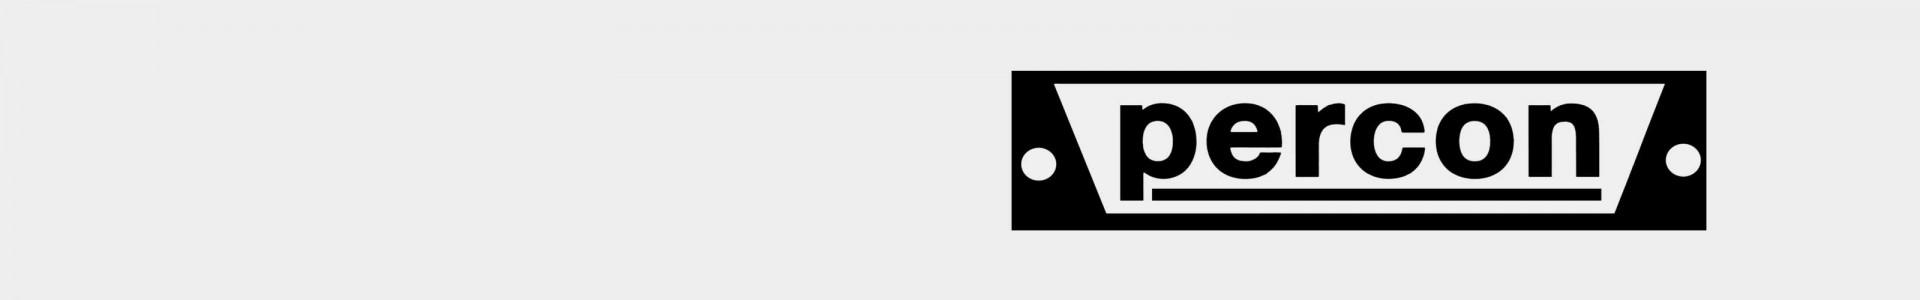 Cavi Percon per Applicazioni Multimedia - Avacab